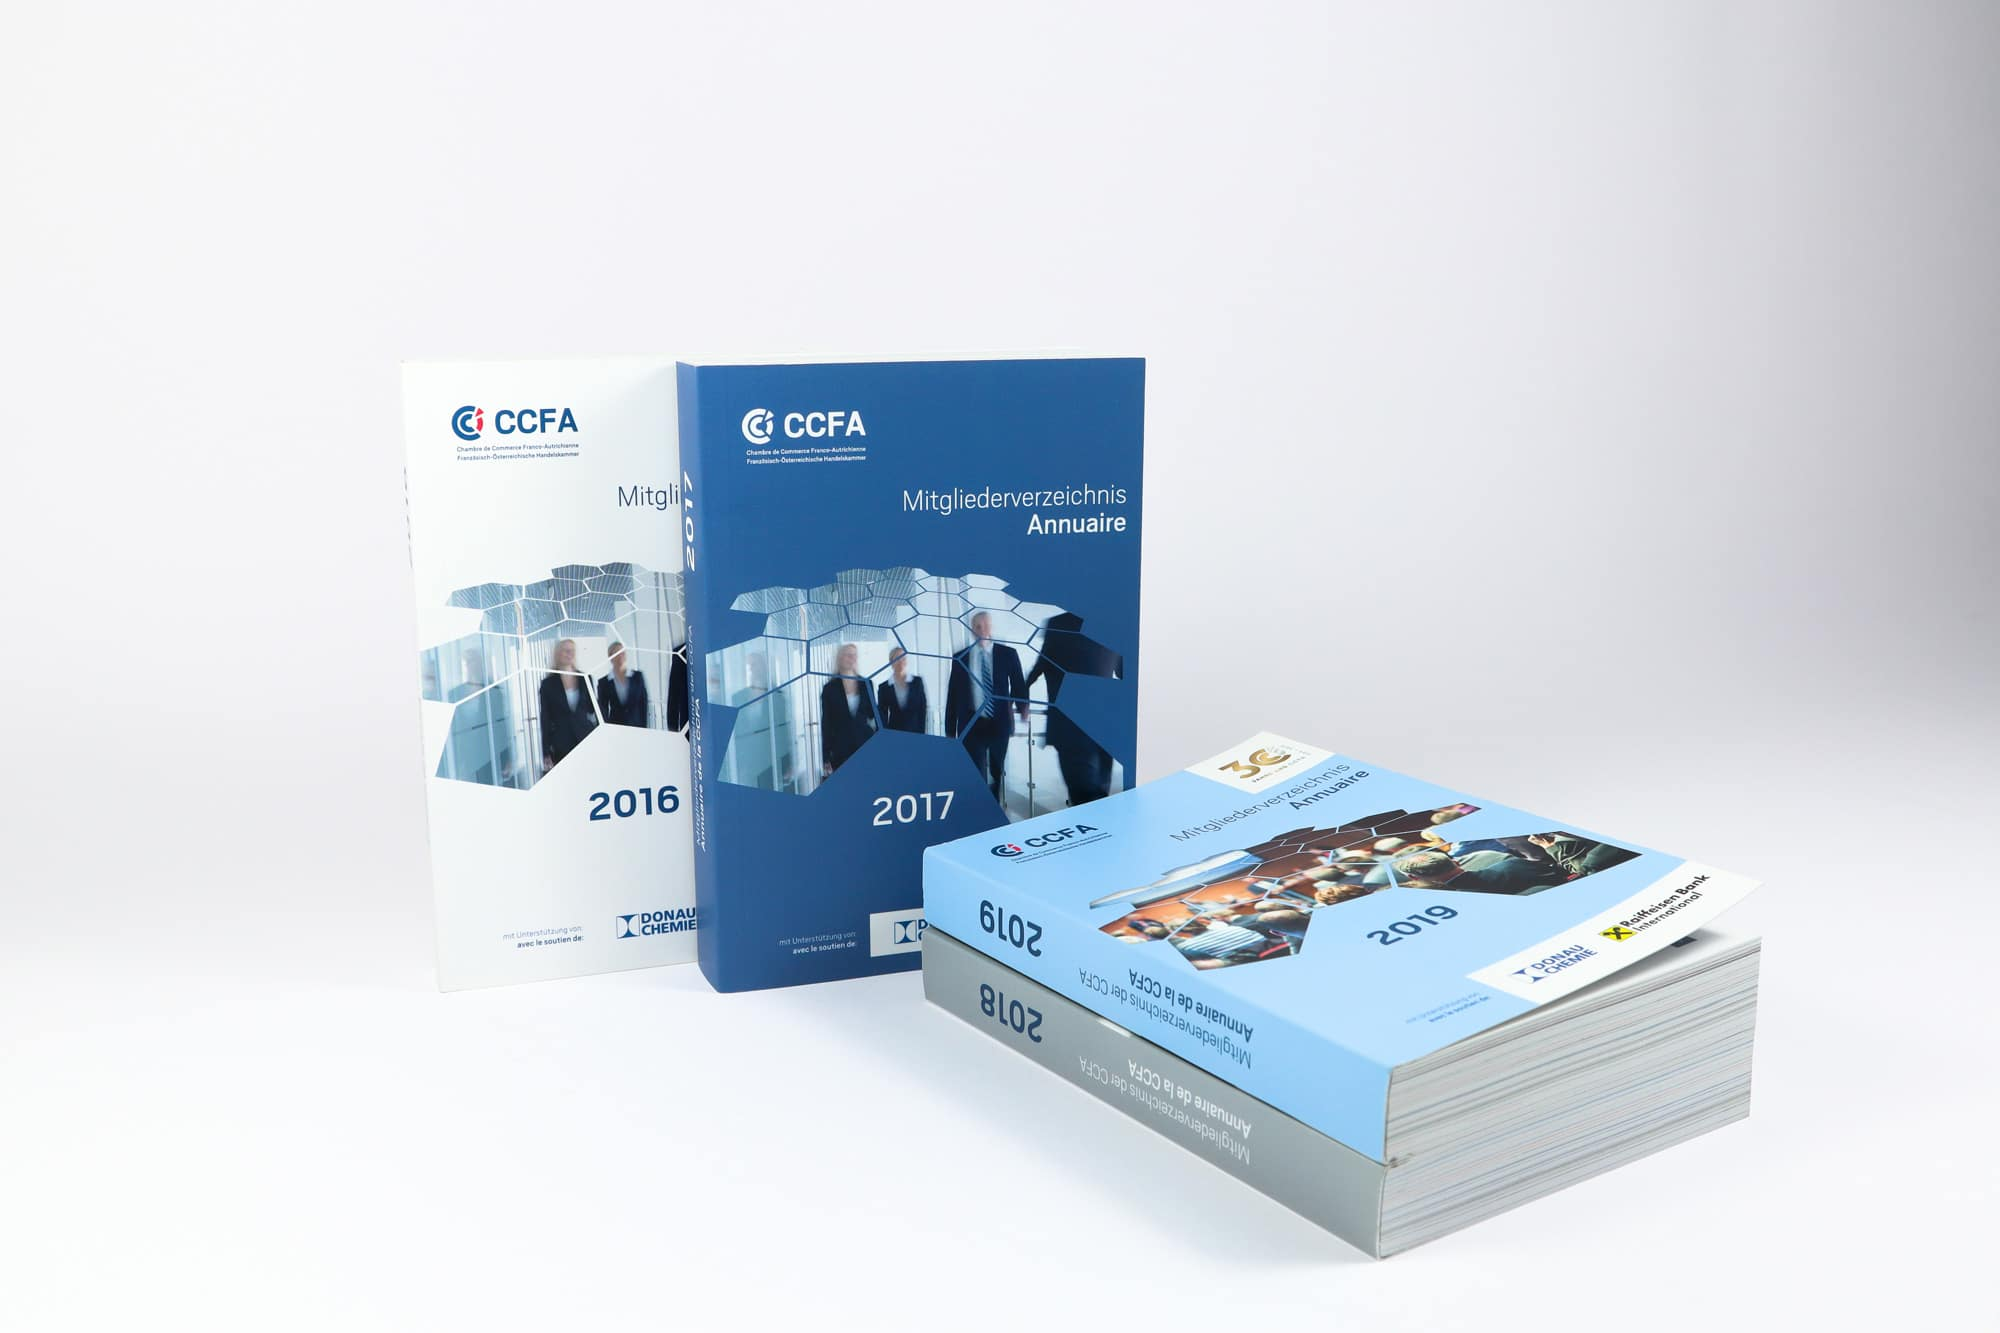 Mitgliederverzeichnis-by.PiKSEL-CCFA